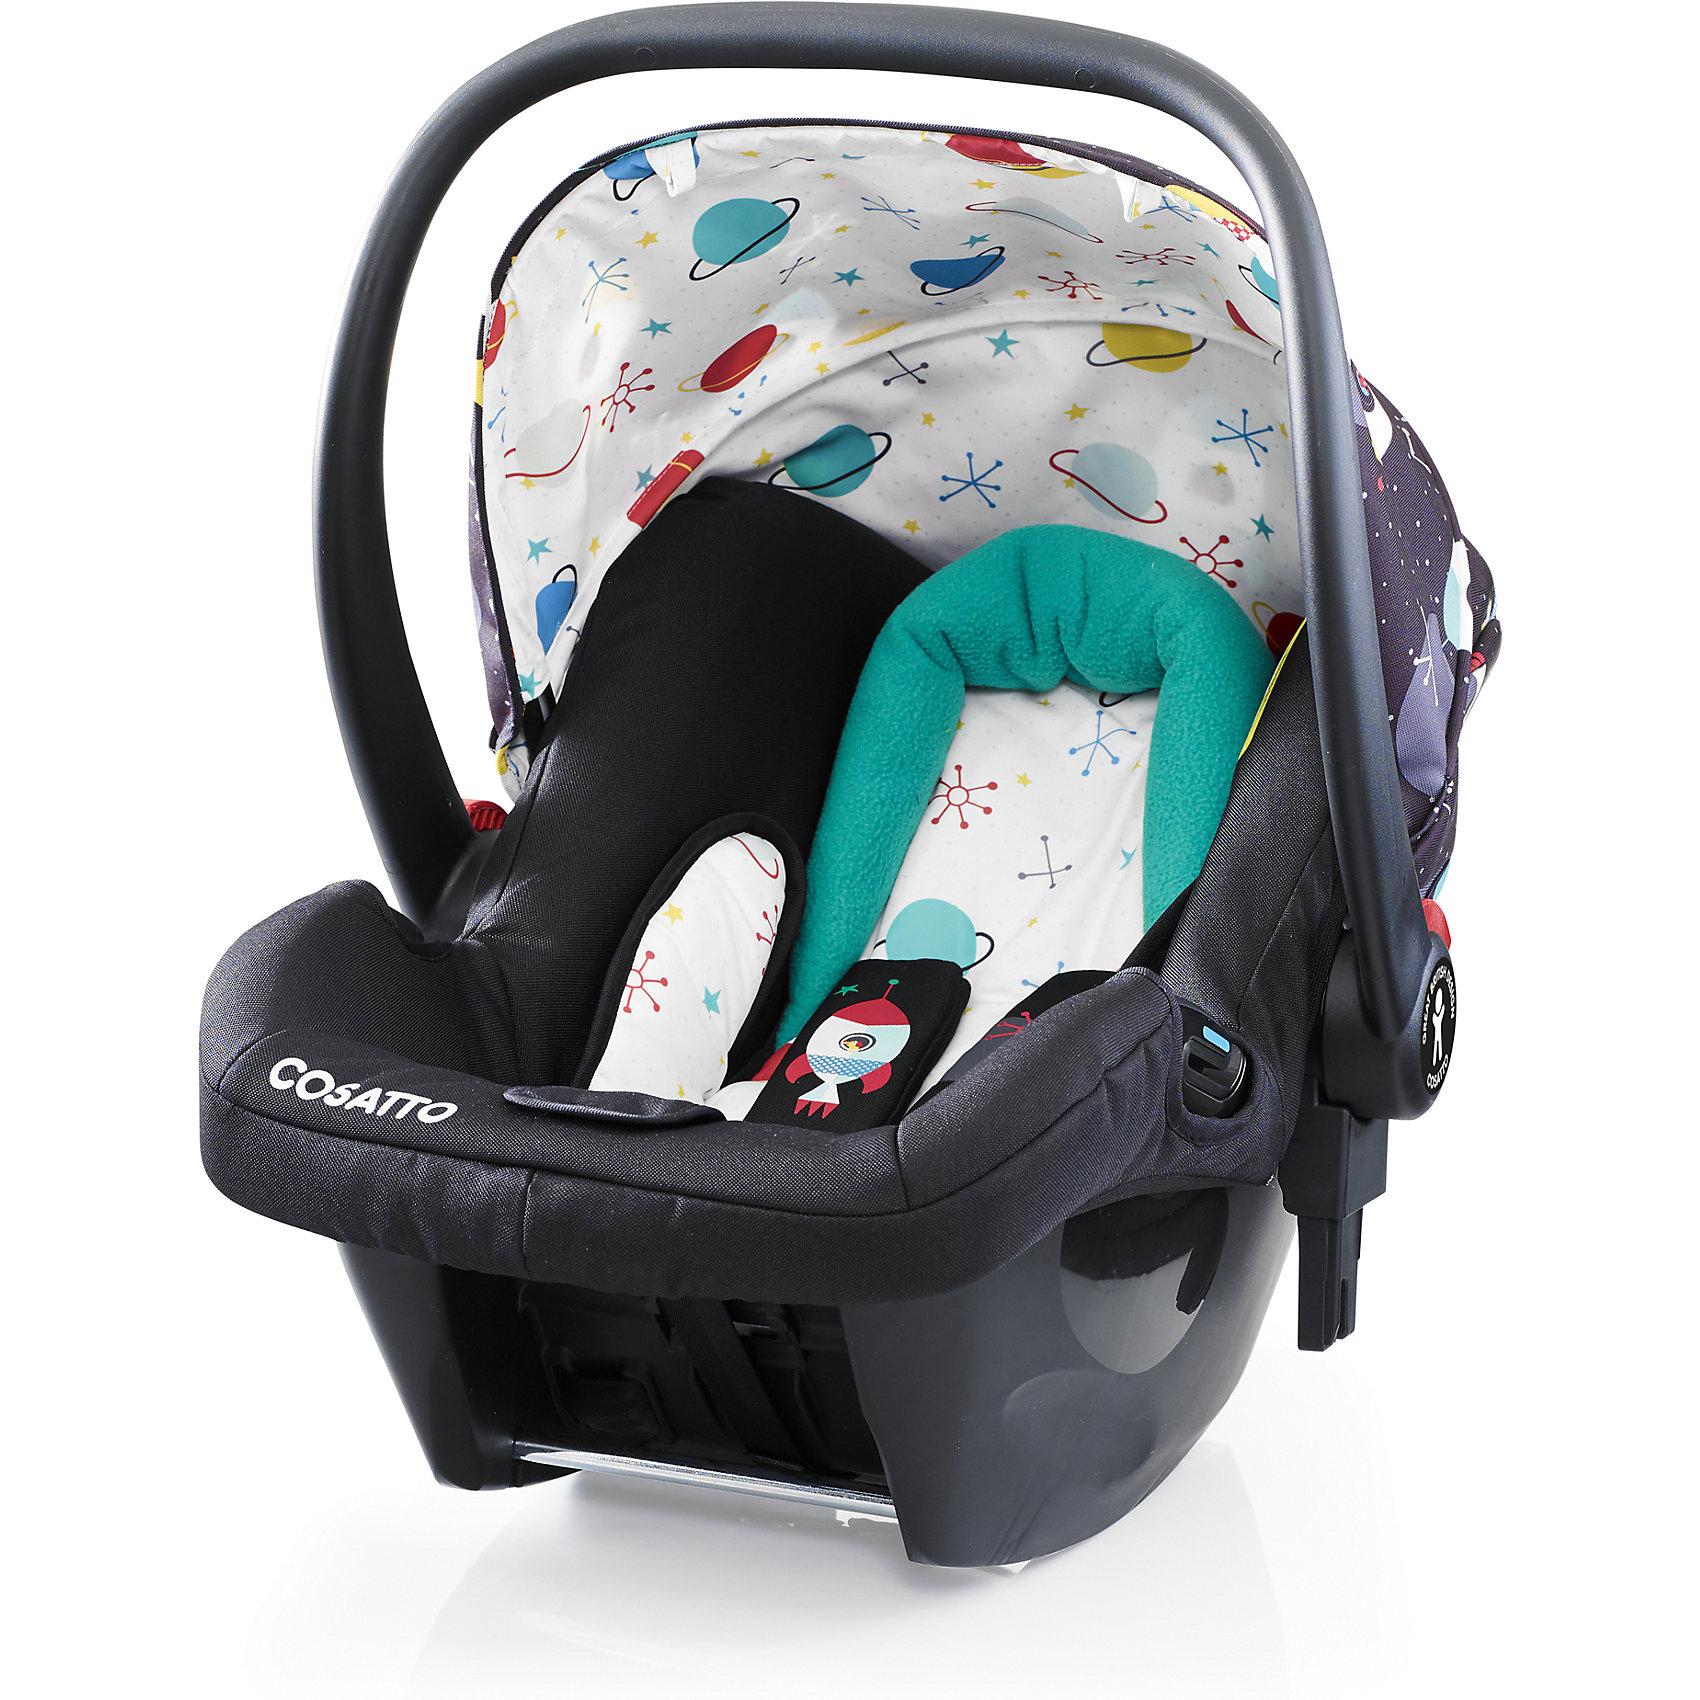 Автокресло Cosatto Hold, 0-13 кг, Space RacerГруппа 0+ (До 13 кг)<br>Характеристики автокресла Hold Cosatto:<br><br>• группа 0+;<br>• вес ребенка: до 13 кг;<br>• возраст ребенка: от рождения до 12 месяцев;<br>• способ установки: против хода движения автомобиля;<br>• способ крепления: штатными ремнями безопасности автомобиля;<br>• есть возможность установить автокресло на базу с системой крепления Isofix - база приобретается отдельно;<br>• 5-ти точечные ремни безопасности с мягкими накладками;<br>• регулируемый защитный капор;<br>• анатомический вкладыш для новорожденного;<br>• в комплекте с автокреслом идет дождевик;<br>• пластиковая ручка, автолюлька используется как переноска, положение ручки меняется;<br>• автокресло можно использовать как кресло-качалку;<br>• чтобы зафиксировать кресло, необходимо изменить положение ручки и создать упор в пол;<br>• съемные чехлы, стирка при температуре 30 градусов;<br>• материал: пластик, полиэстер;<br>• стандарт безопасности: ЕСЕ R44/03.<br><br>Размер автокресла, ДхШхВ: 70х44х60 см<br>Вес автокресла: 4,2 кг<br><br>Автокресло Hold Cosatto устанавливается как против хода движения автомобиля на заднем сиденье. Глубокая чаша просторная, малышу удобно находится в кресле даже в теплом комбинезоне. Анатомический вкладыш с подголовником снимается. Автокресло соответствует европейским стандартам безопасности. Авктокресло можно установить на раму коляски Cosatto. Адаптеры для установки автокресла на шасси коляски входят в комплект.<br><br>Автокресло 0-13 кг., HOLD, COSATTO можно купить в нашем интернет-магазине.<br><br>Ширина мм: 740<br>Глубина мм: 440<br>Высота мм: 380<br>Вес г: 6000<br>Возраст от месяцев: 0<br>Возраст до месяцев: 12<br>Пол: Унисекс<br>Возраст: Детский<br>SKU: 5444496